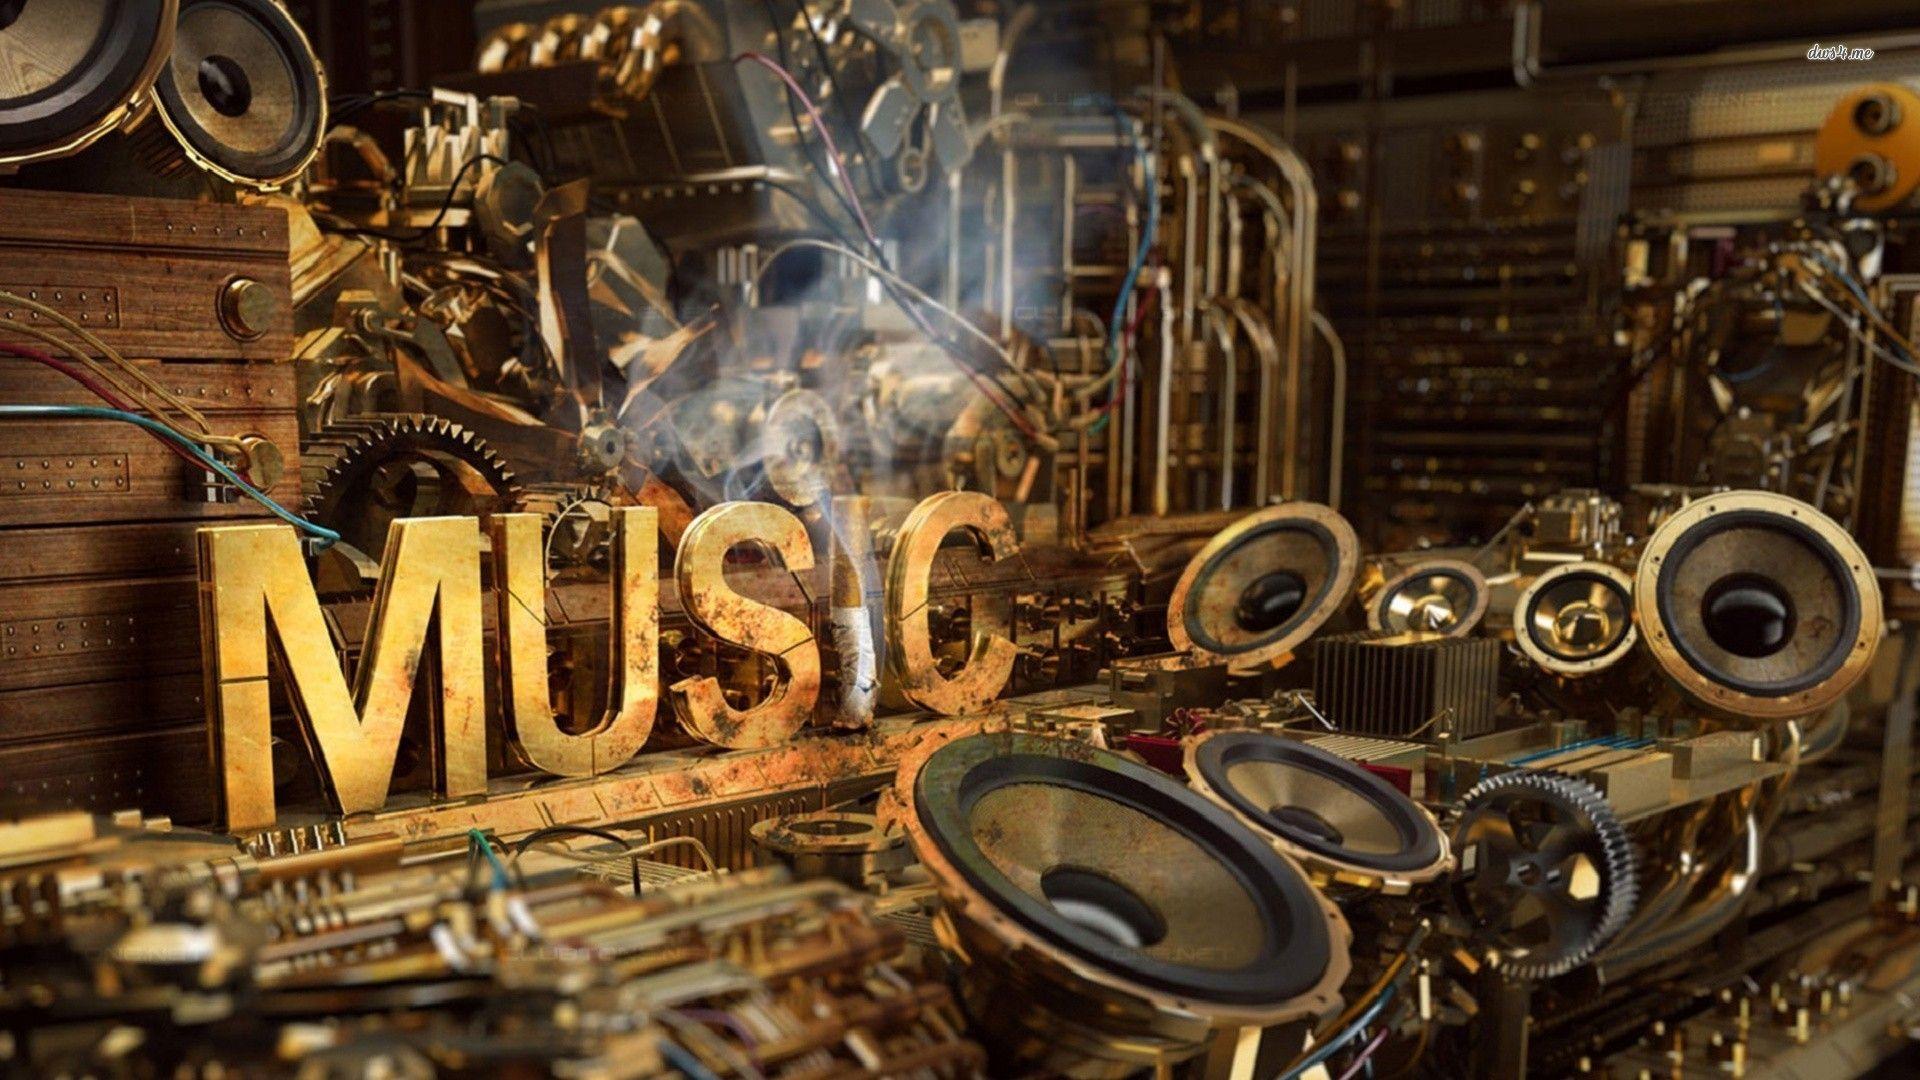 Great Wallpaper Music Steampunk - 0e31c3918e6b94e30f36402213ee5007  Pic_884160.jpg